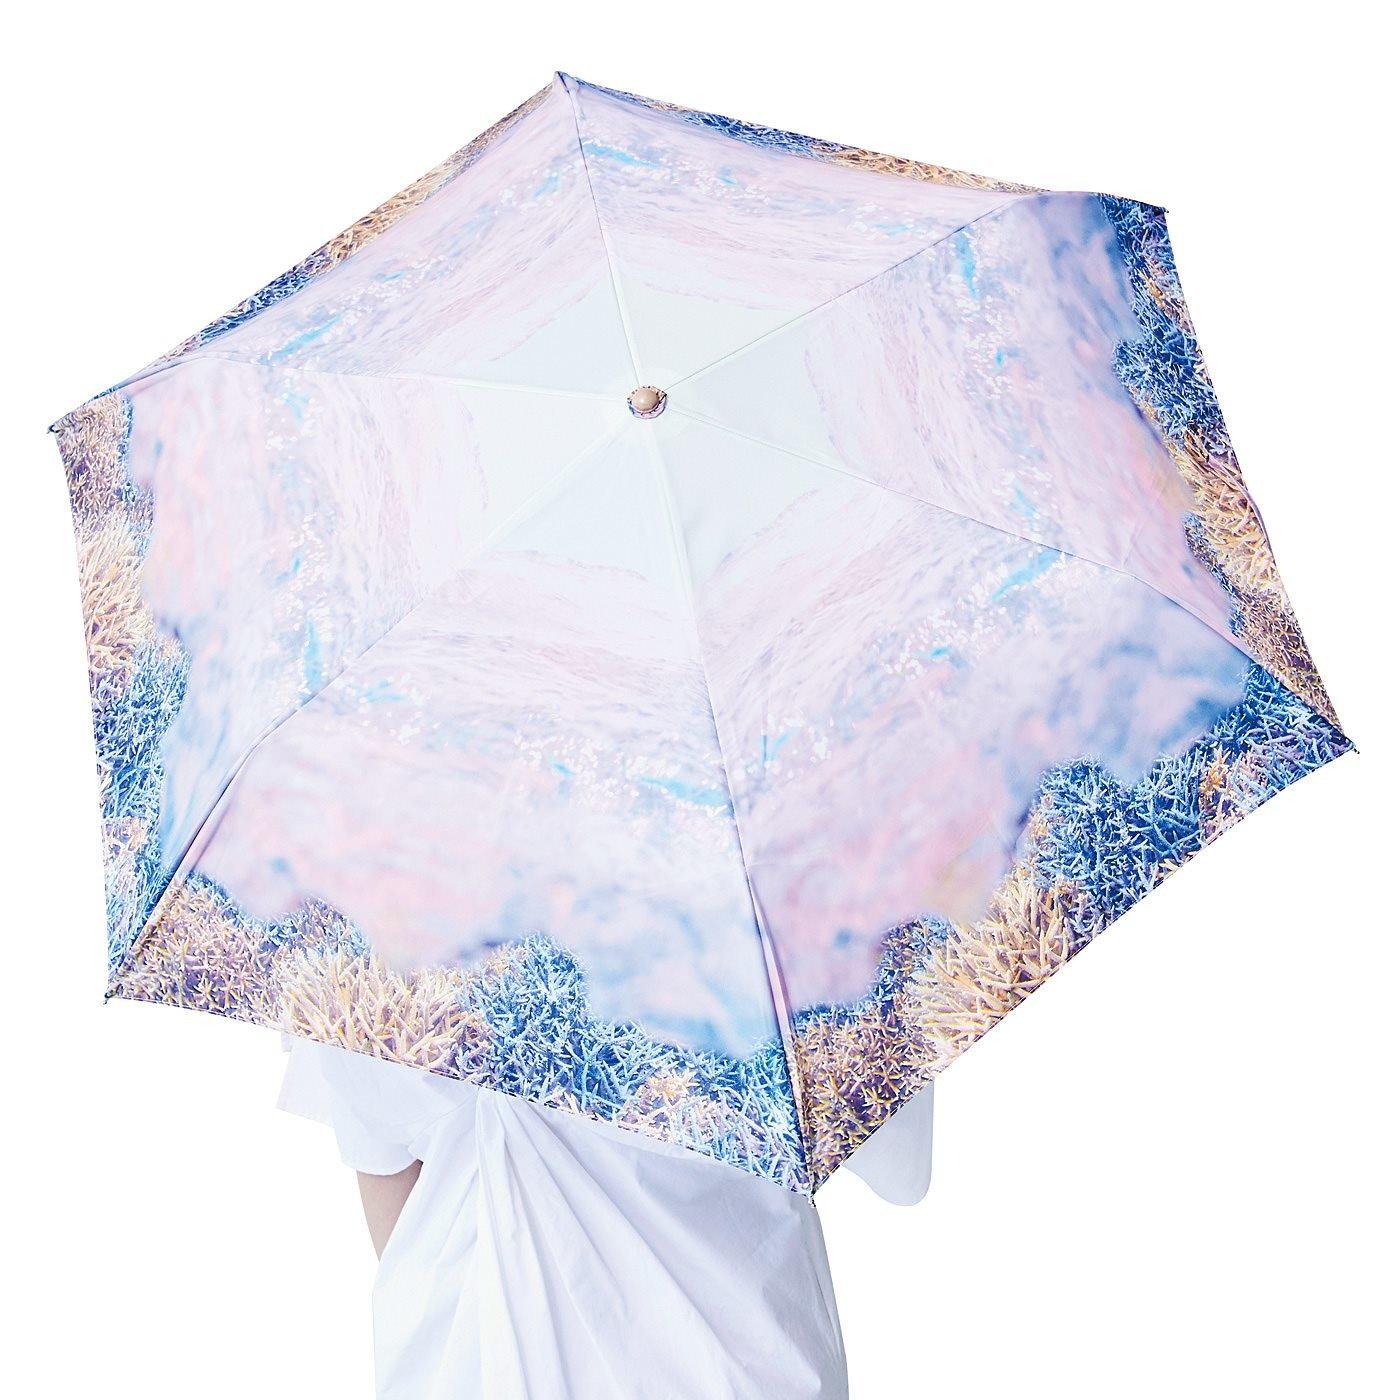 海とかもめ部 海とお出かけ 晴雨兼用傘〈サンゴ〉